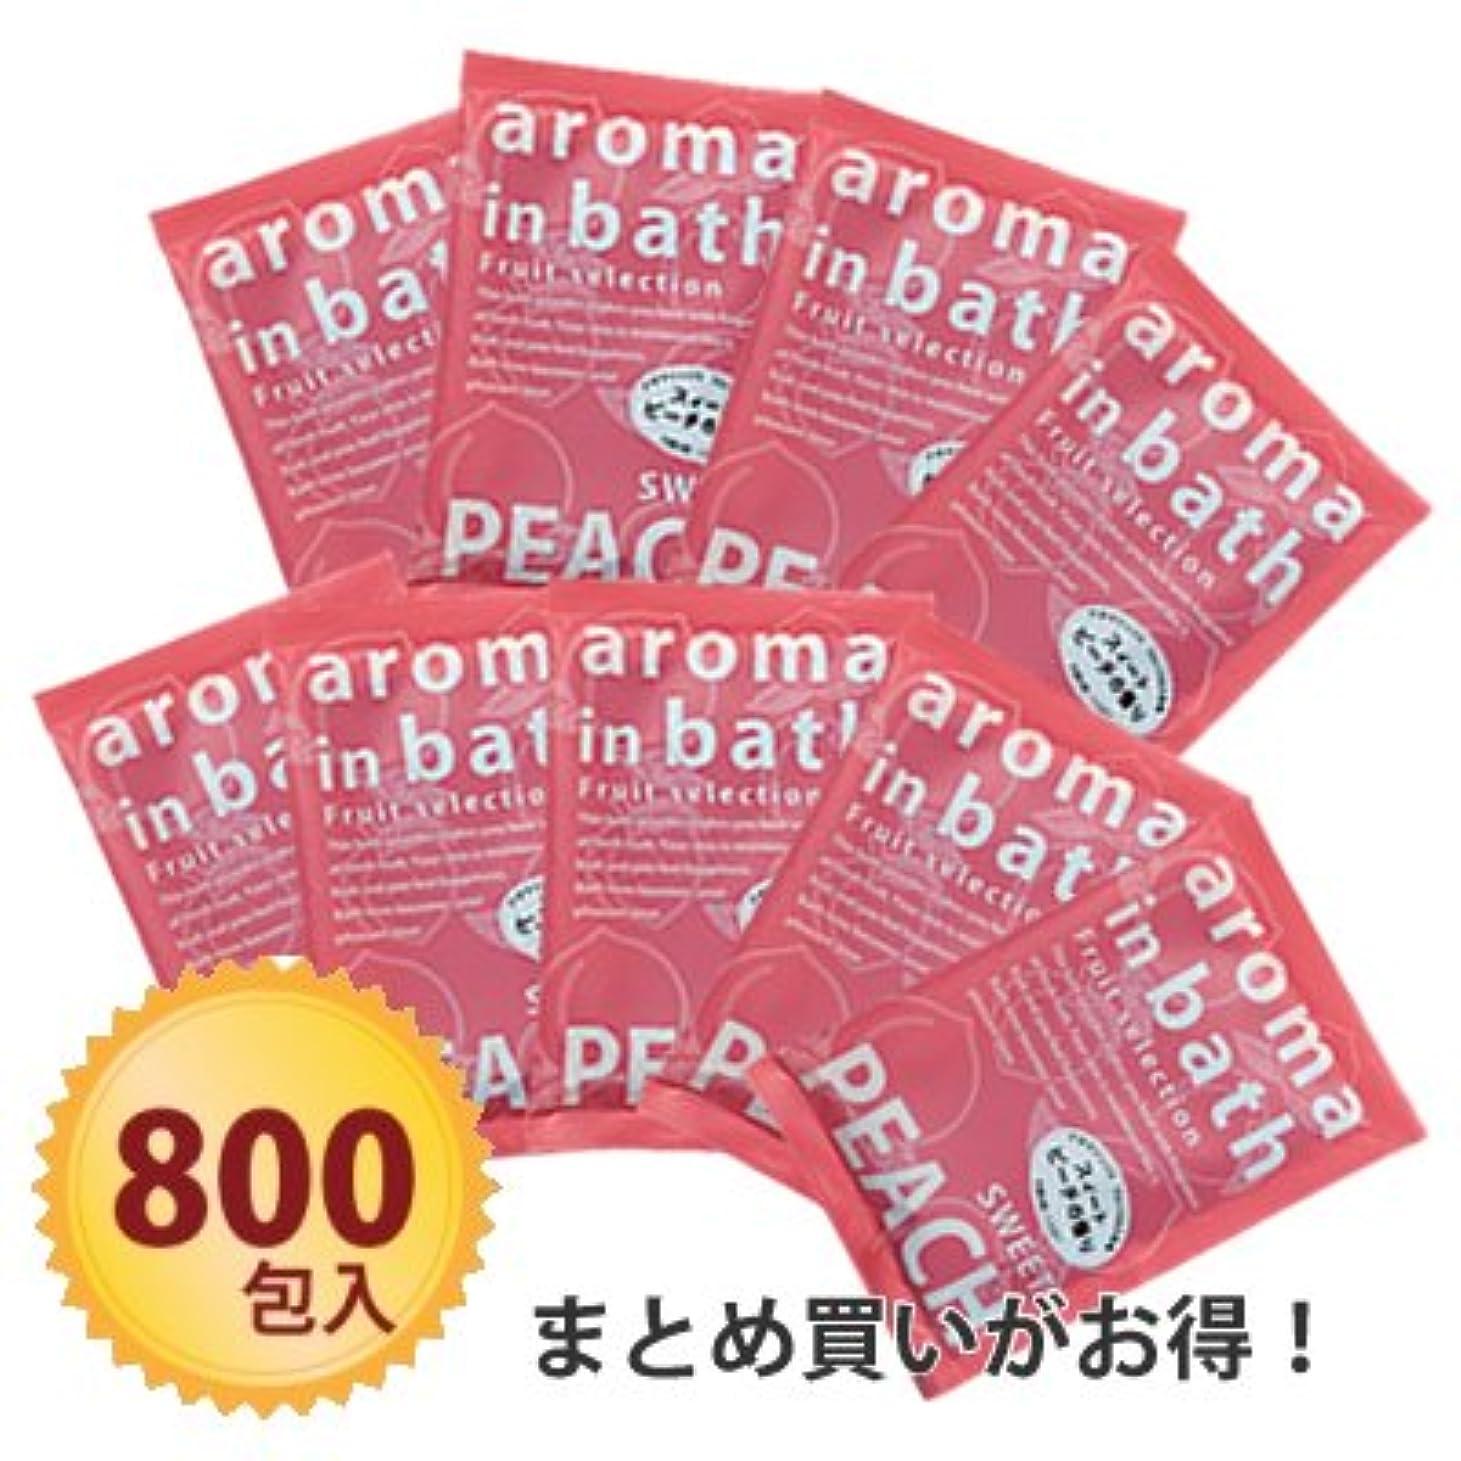 シンプルさインディカ対応する粉体入浴料 アロマインバス25g スイートピーチ ×800個